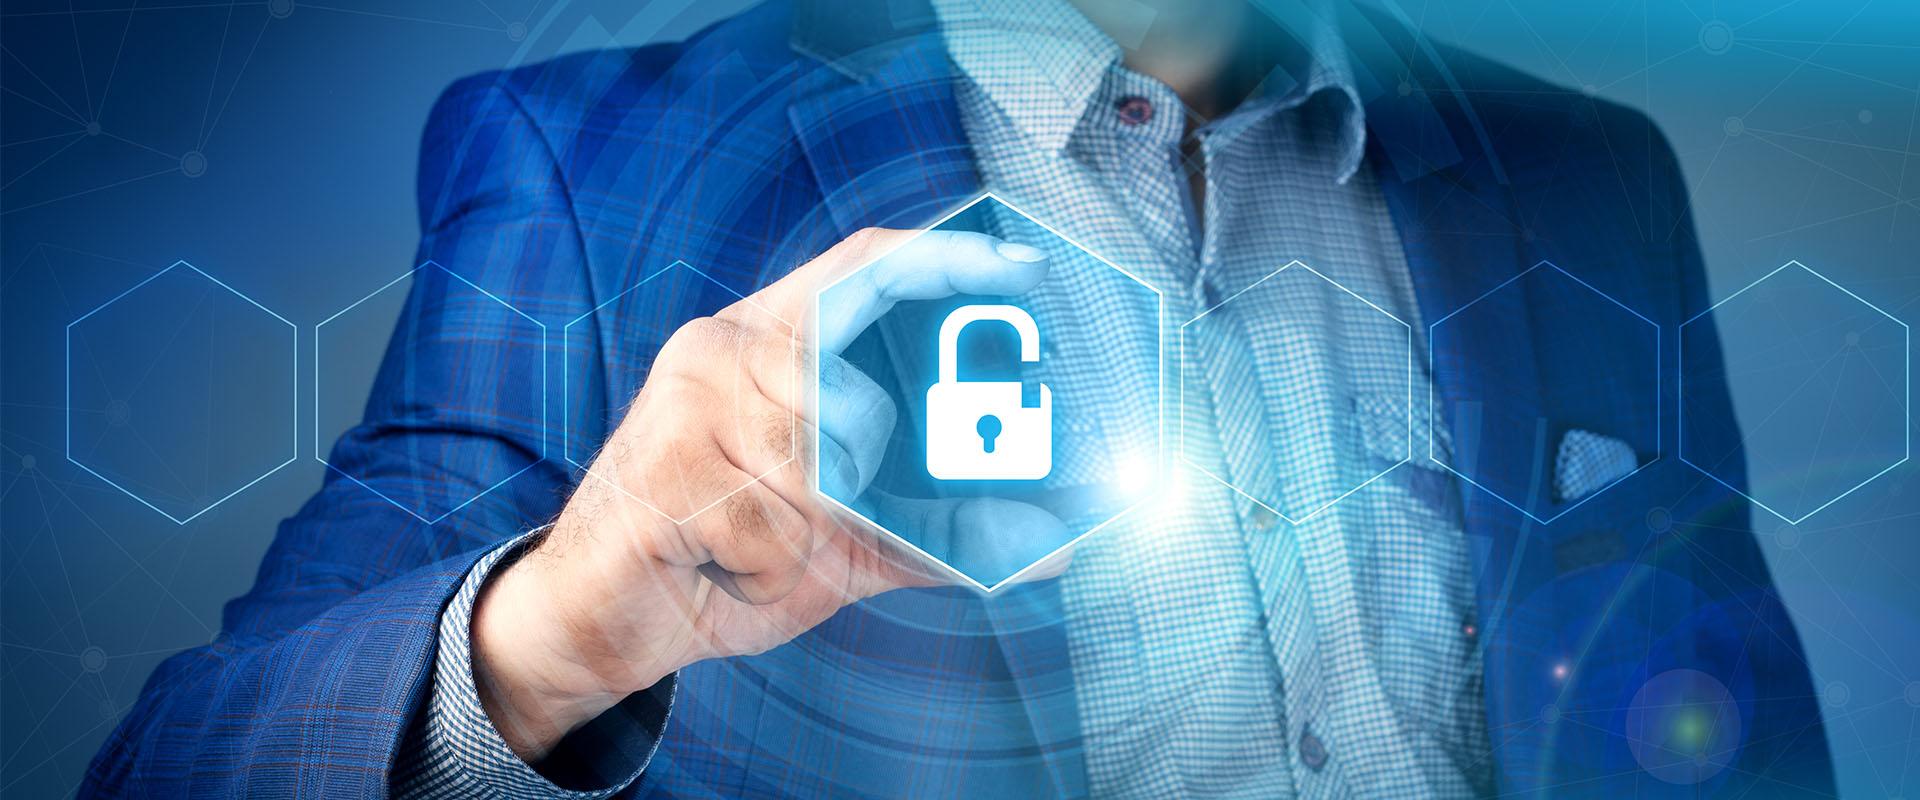 aumentar la confianza de compradores con ciberseguridad